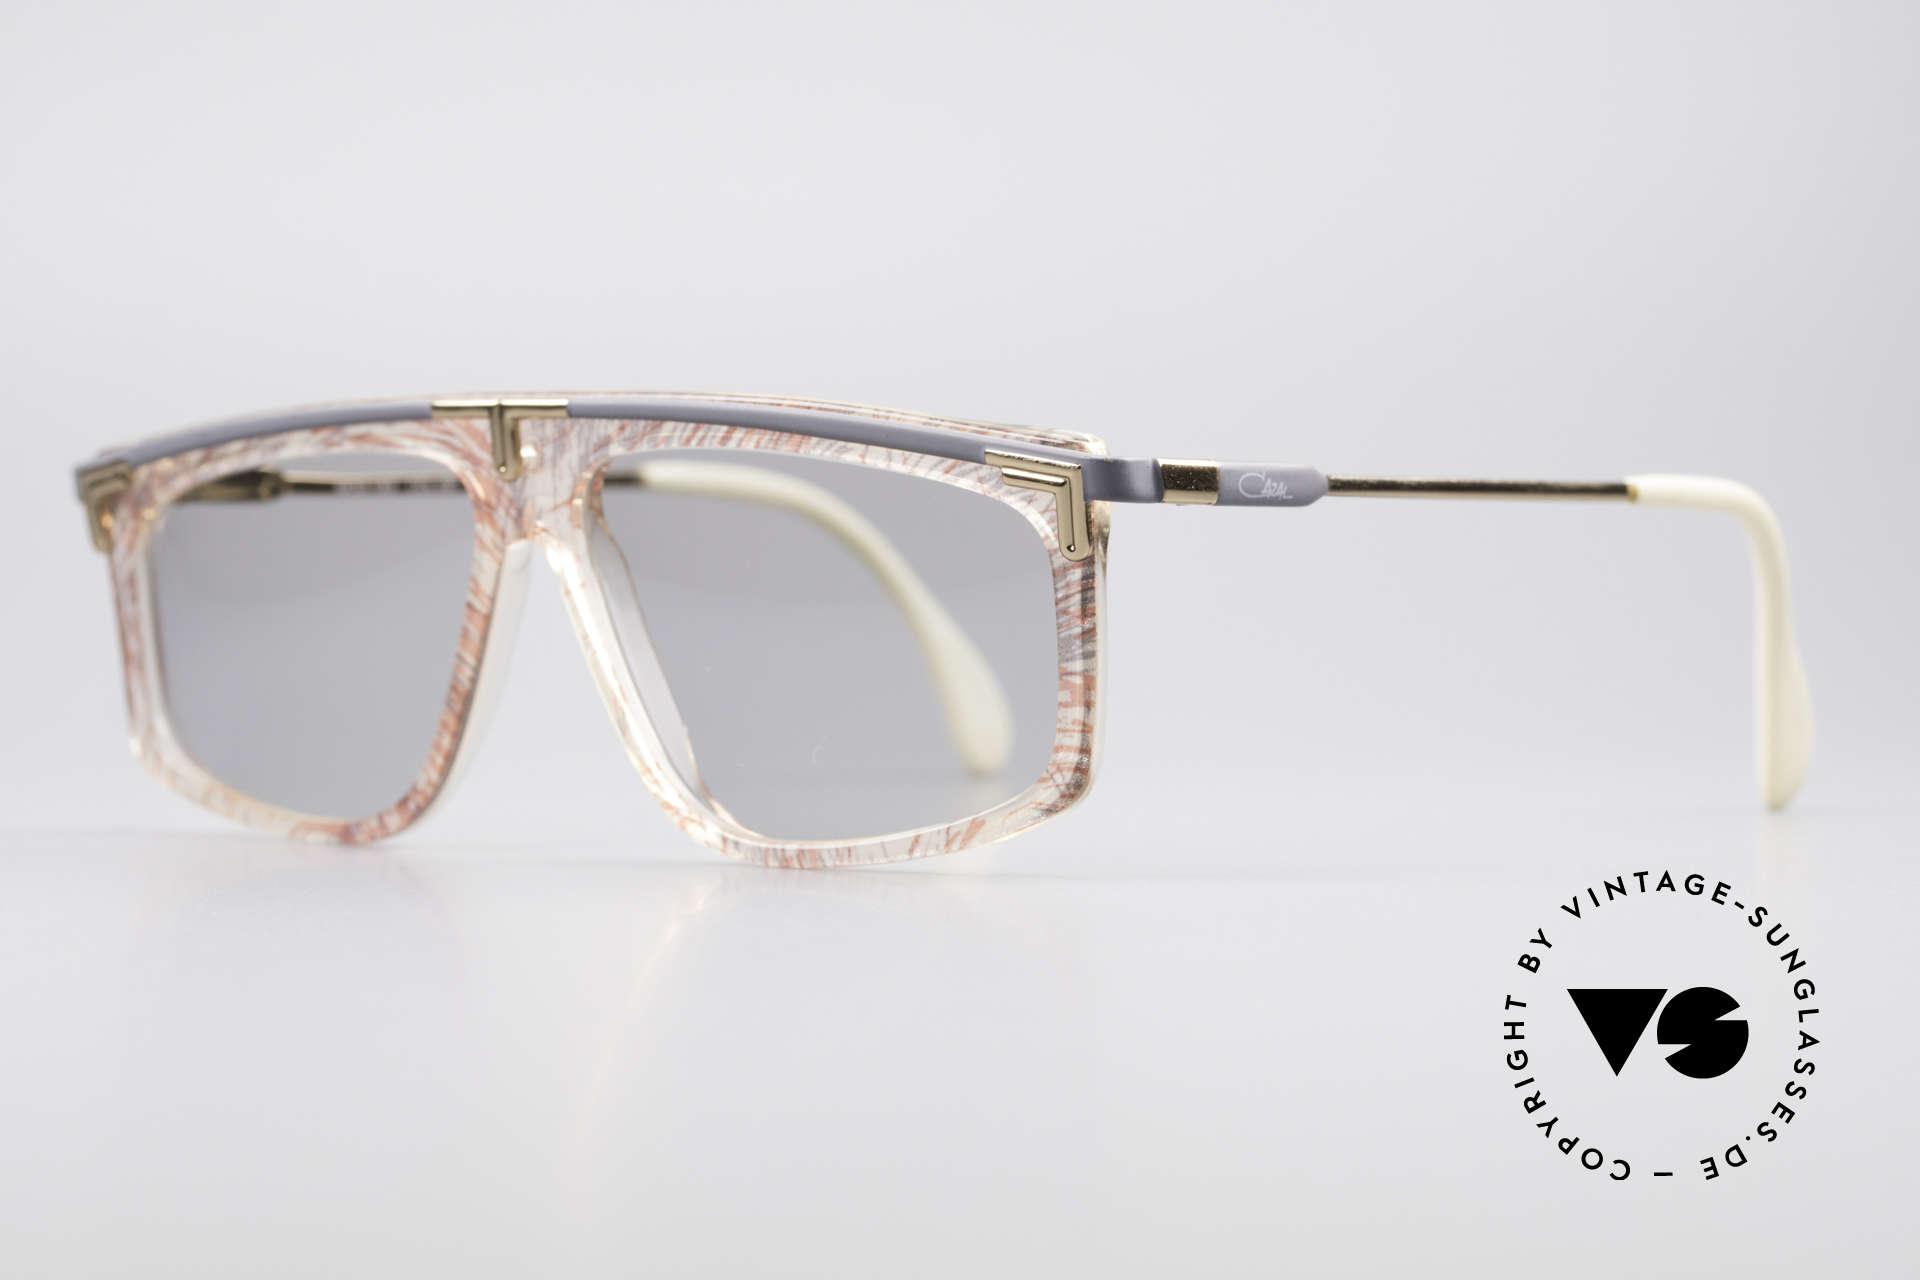 Cazal 190 80er Hip Hop Sonnenbrille, altes WEST GERMANY Original & KEINE Retrobrille!, Passend für Herren und Damen